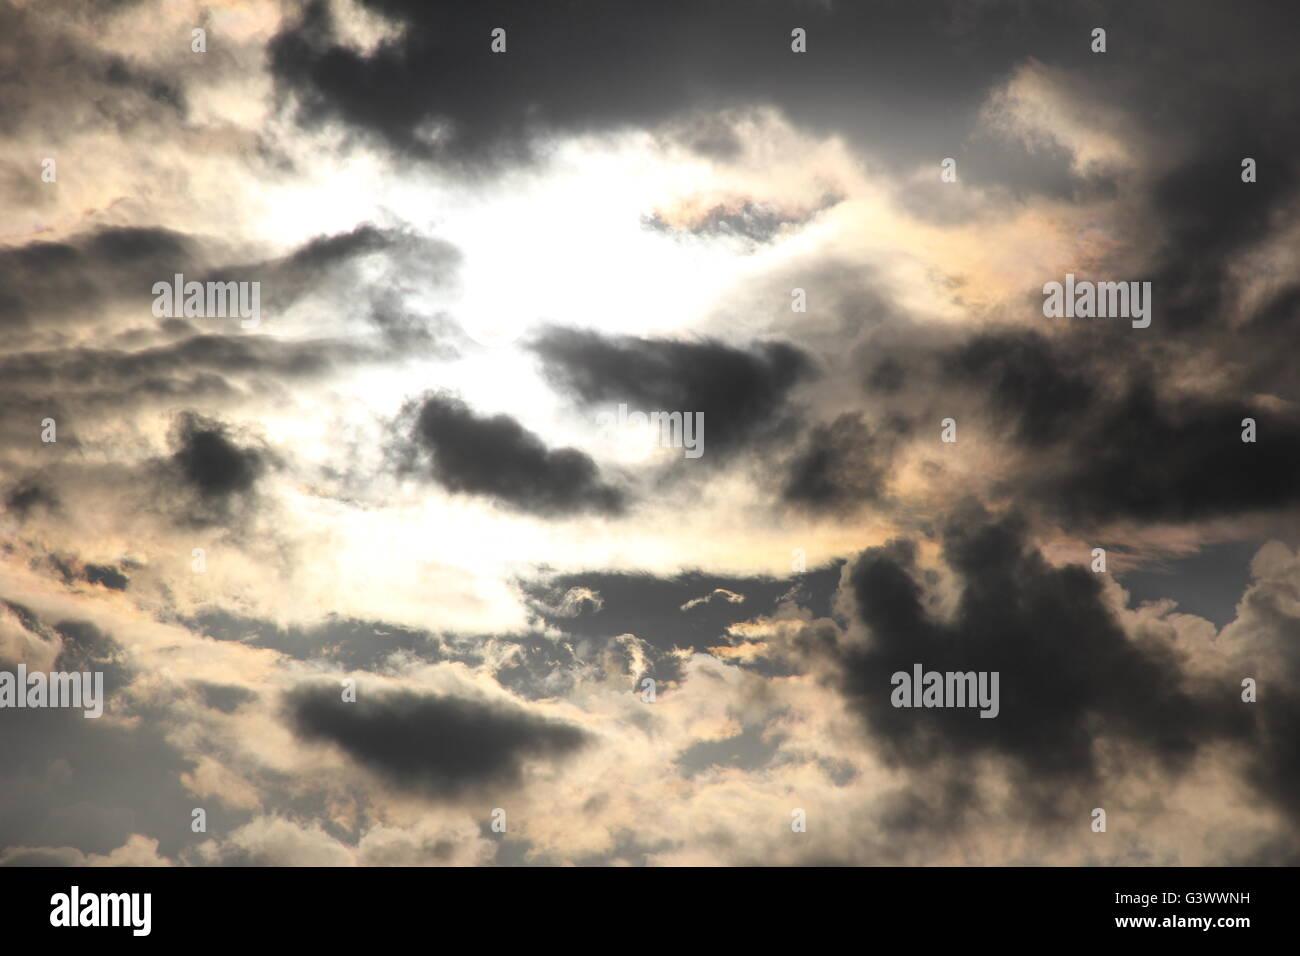 Sonne mit dunklen Wolken vorbei Stockbild